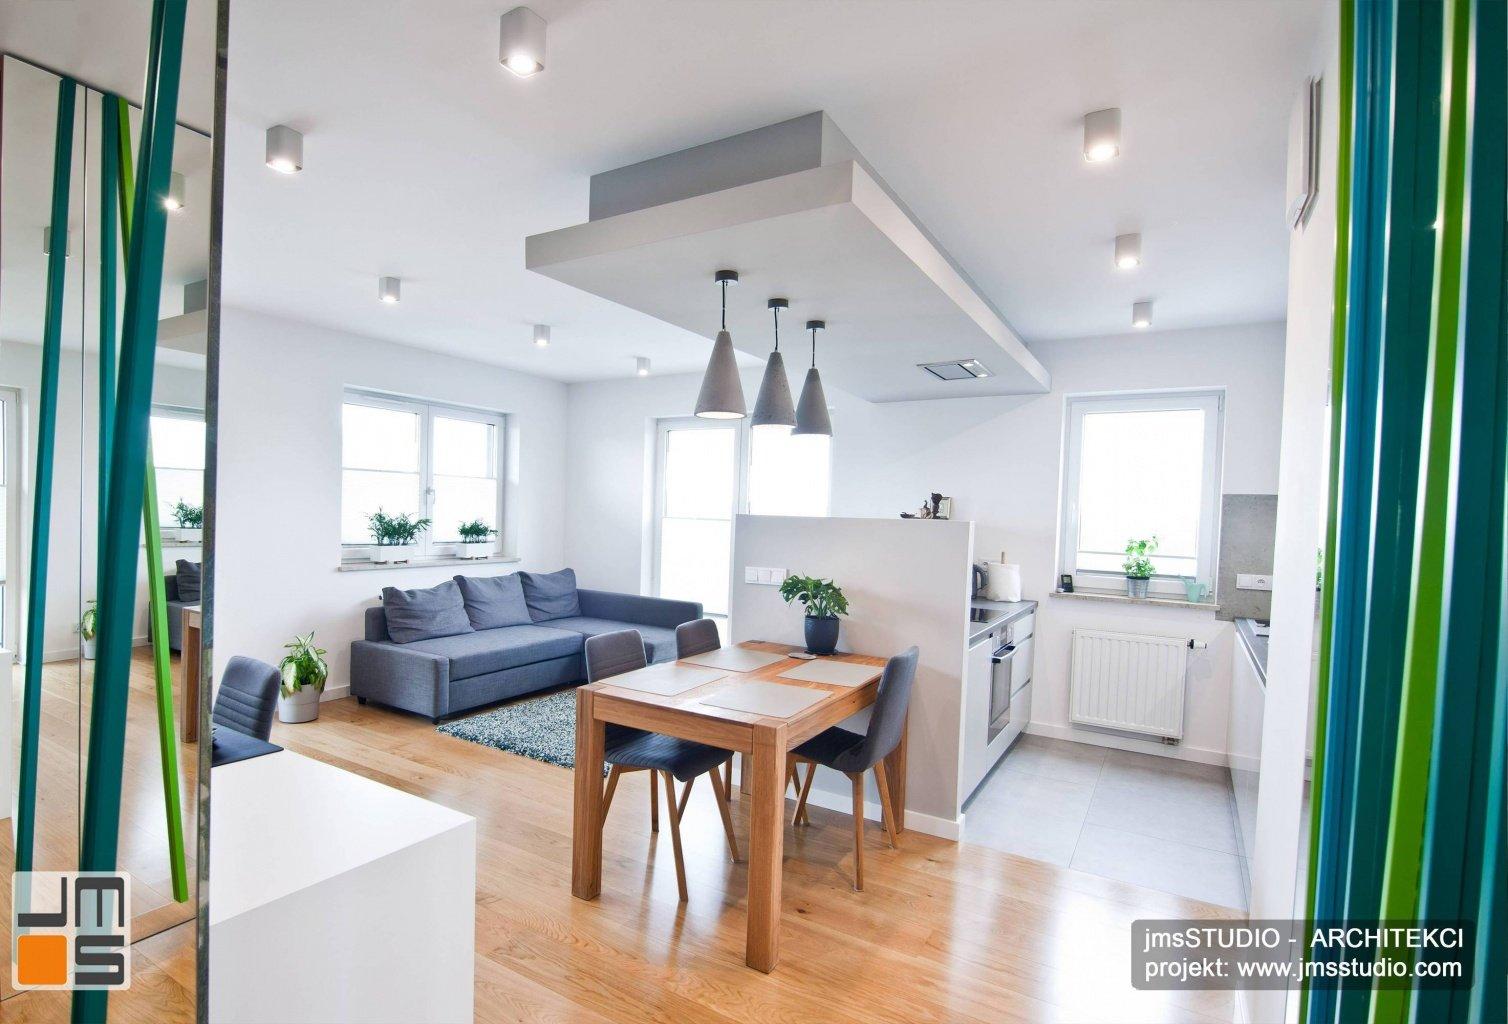 designerskie betonowe lampy w jadalni z drewniany stół w małe mieszkanie projekt